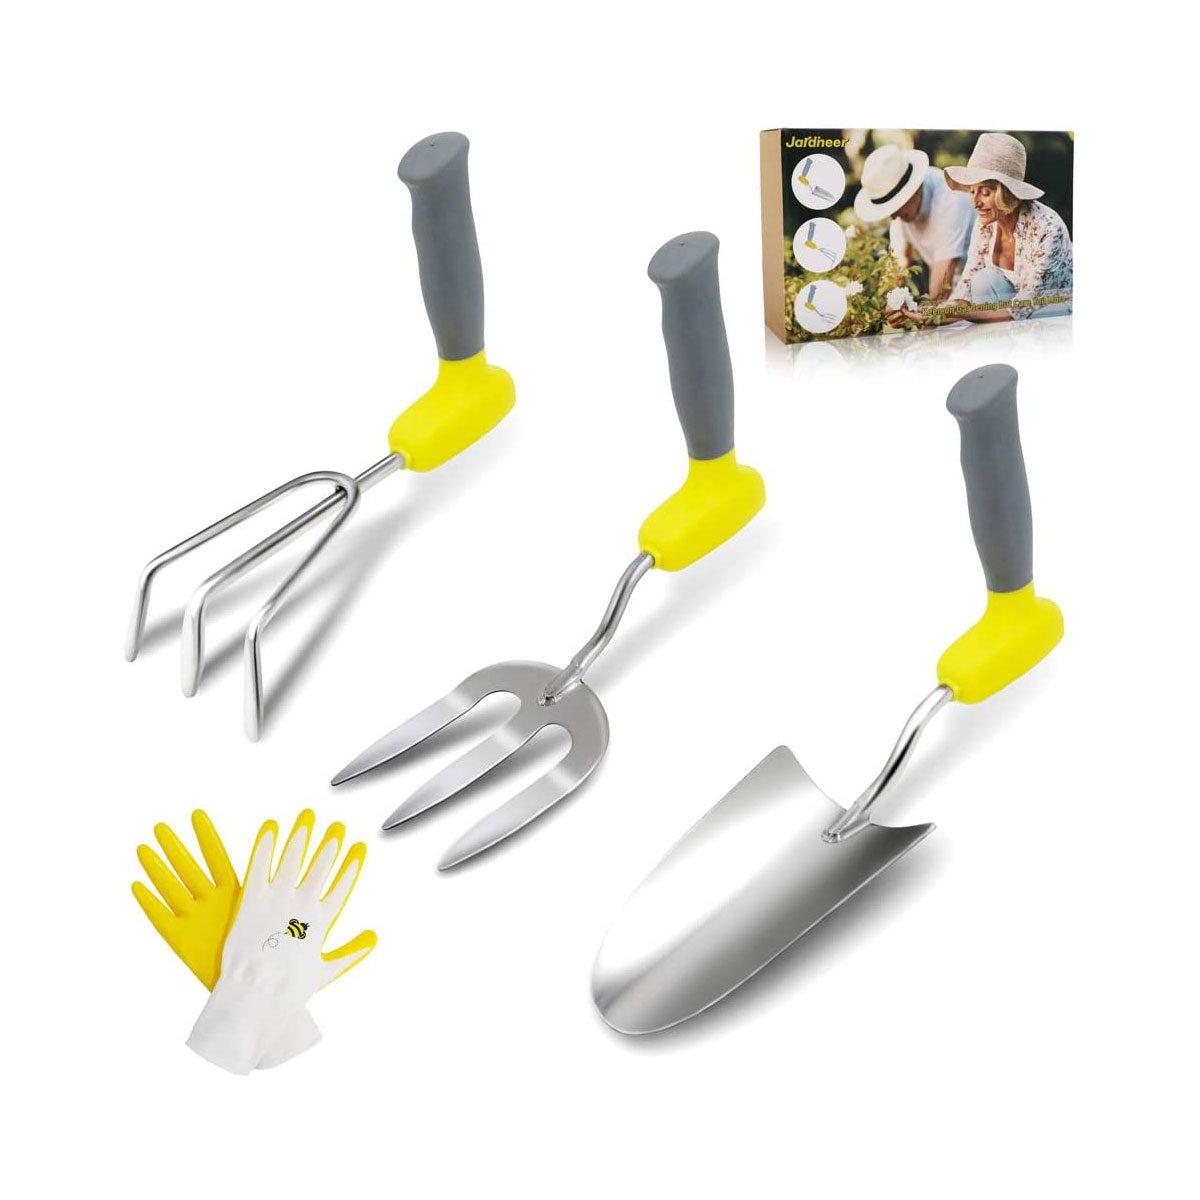 Ergonomic tools